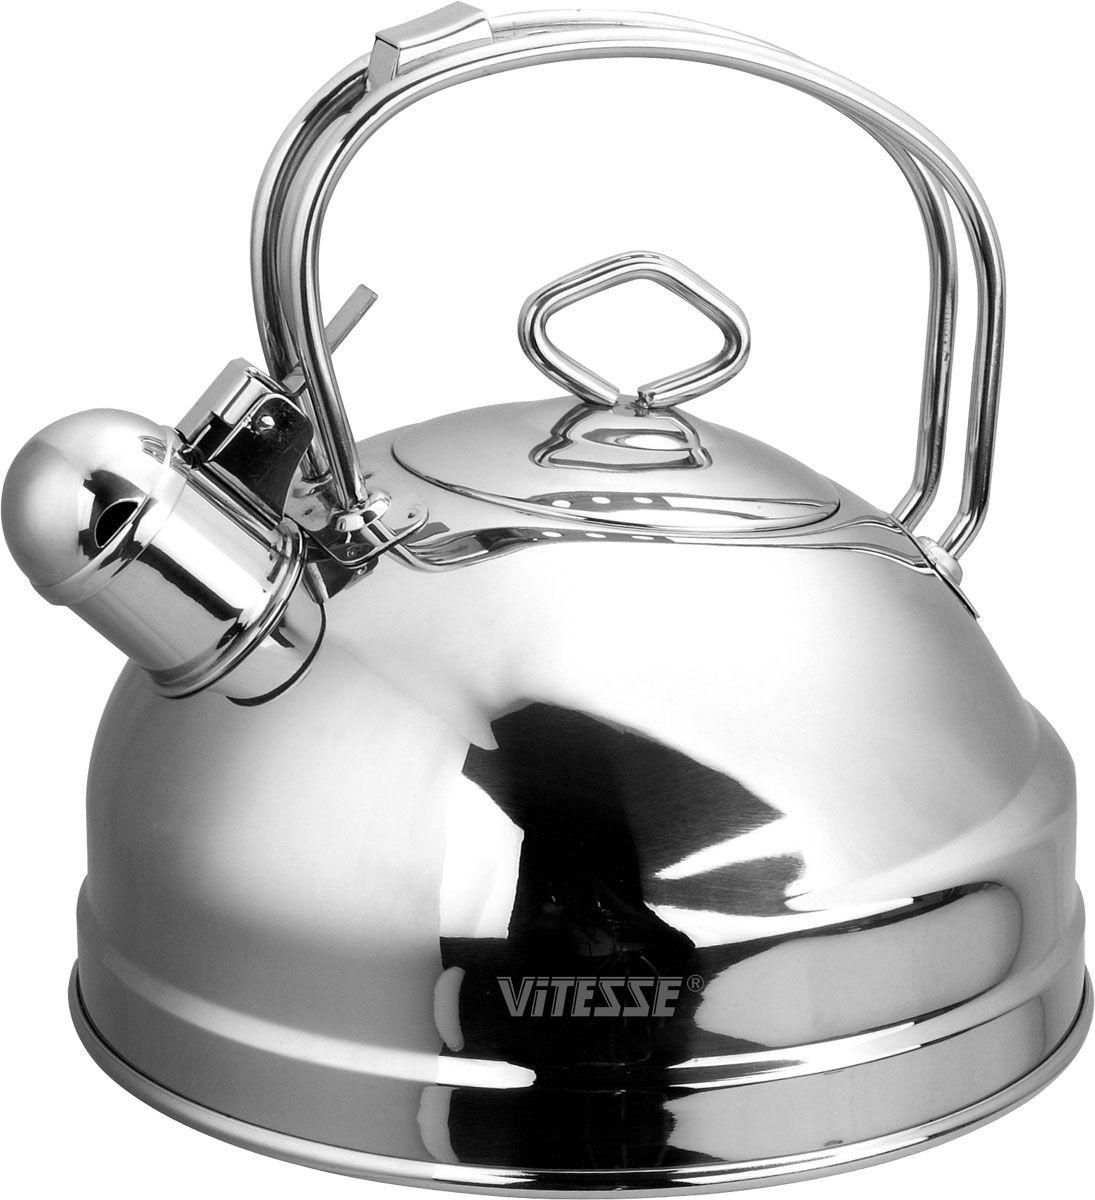 Чайник Vitesse Nayer со свистком, 2,5 л115510Чайник Vitesse Nayer выполнен из высококачественной нержавеющей стали 18/10. Капсулированное дно с прослойкой из алюминия обеспечивает наилучшее распределение тепла. Носик чайника оснащен откидной насадкой-свистком, что позволит вам контролировать процесс подогрева или кипячения воды. Ручка не нагревается, имеет фиксированное положение. Чайник Vitesse Nayer подходит для использования на всех типах плит. Также изделие можно мыть в посудомоечной машине. Характеристики: Материал: нержавеющая сталь 18/10.Диаметр основания чайника: 20 см.Высота чайника (с учетом крышки и ручки):22 см.Объем:2,5 л.Размер упаковки:20,5 см х 20,5 см х 22,5 см. Изготовитель:Китай. Артикул:VS-1106.Кухонная посуда марки Vitesseиз нержавеющей стали 18/10 предоставит вам все необходимое для получения удовольствия от приготовления пищи и принесет радость от его результатов. Посуда Vitesse обладает выдающимися функциональными свойствами. Легкие в уходе кастрюли и сковородки имеют плотно закрывающиеся крышки, которые дают возможность готовить с малым количеством воды и экономией энергии, и идеально подходят для всех видов плит: газовых, электрических, стеклокерамических и индукционных. Конструкция дна посуды гарантирует быстрое поглощение тепла, его равномерное распределение и сохранение. Великолепно отполированная поверхность, а также многочисленные конструктивные новшества, заложенные во все изделия Vitesse, позволит вам открыть новые горизонты приготовления уже знакомых блюд. Для производства посуды Vitesseиспользуются только высококачественные материалы, которые соответствуют международным стандартам.